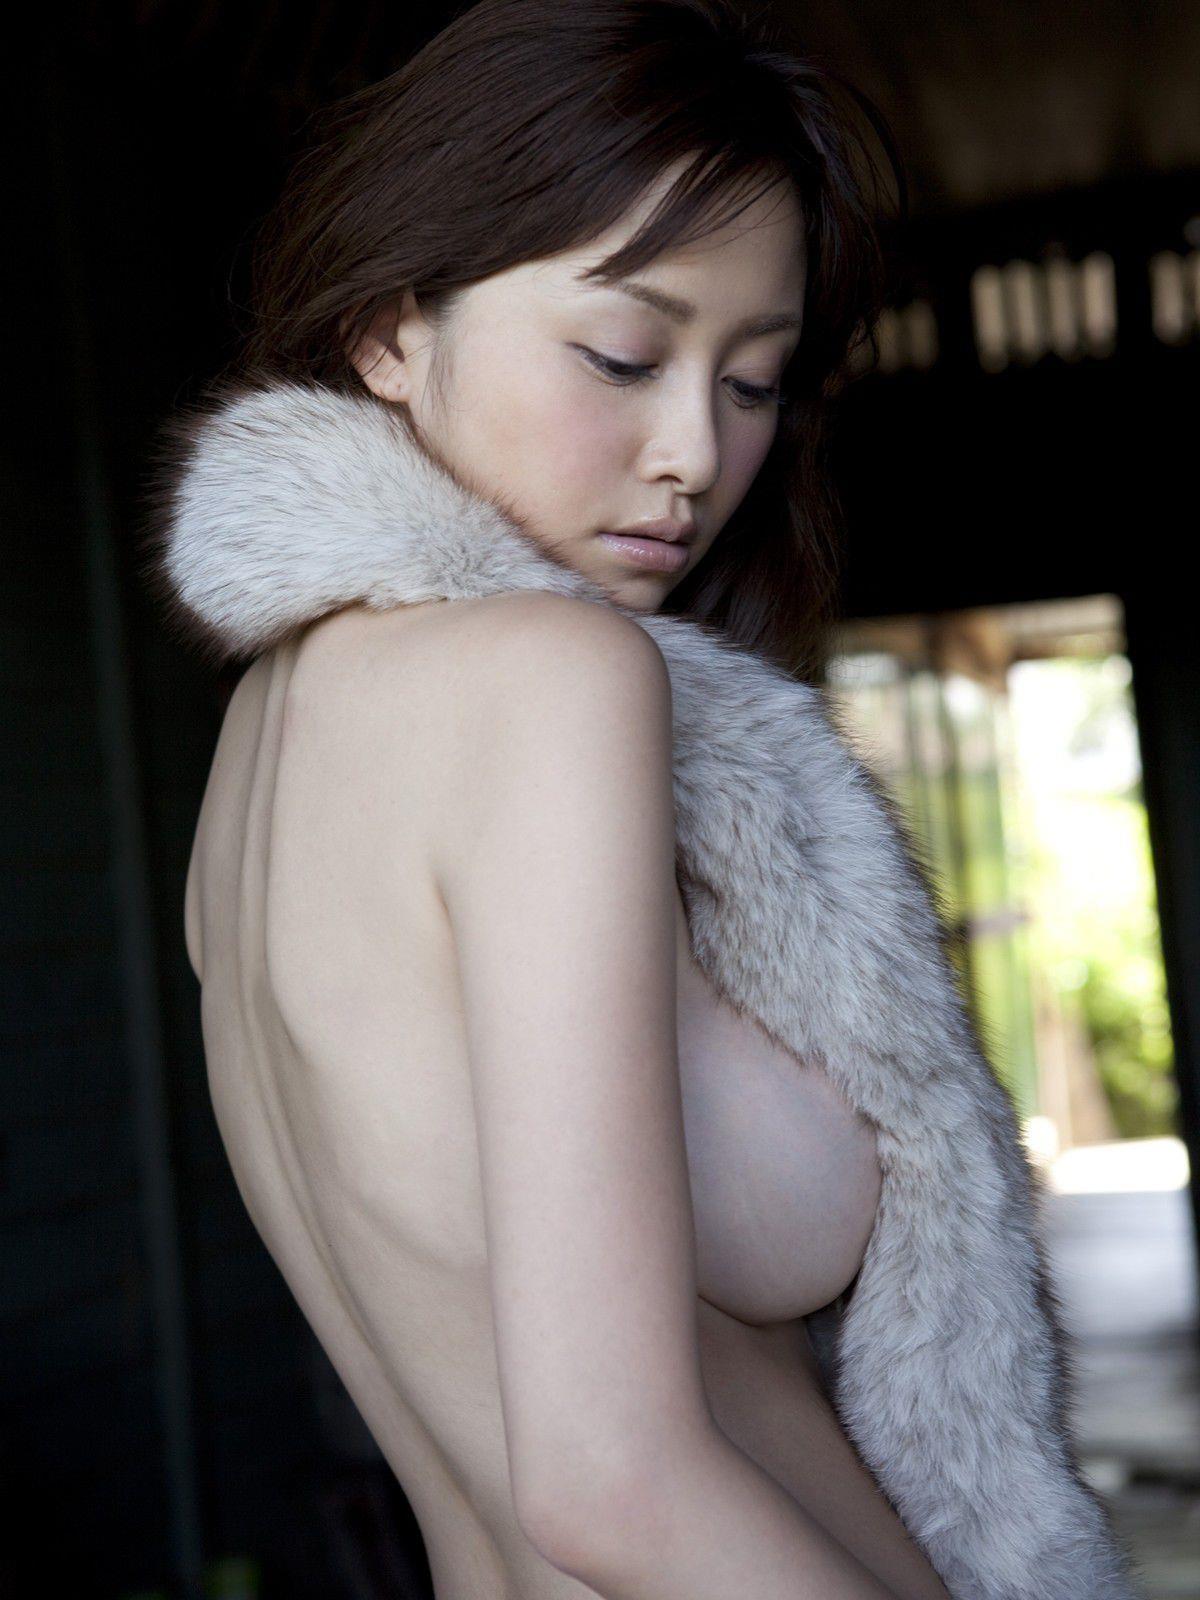 杉原杏璃 画像 23